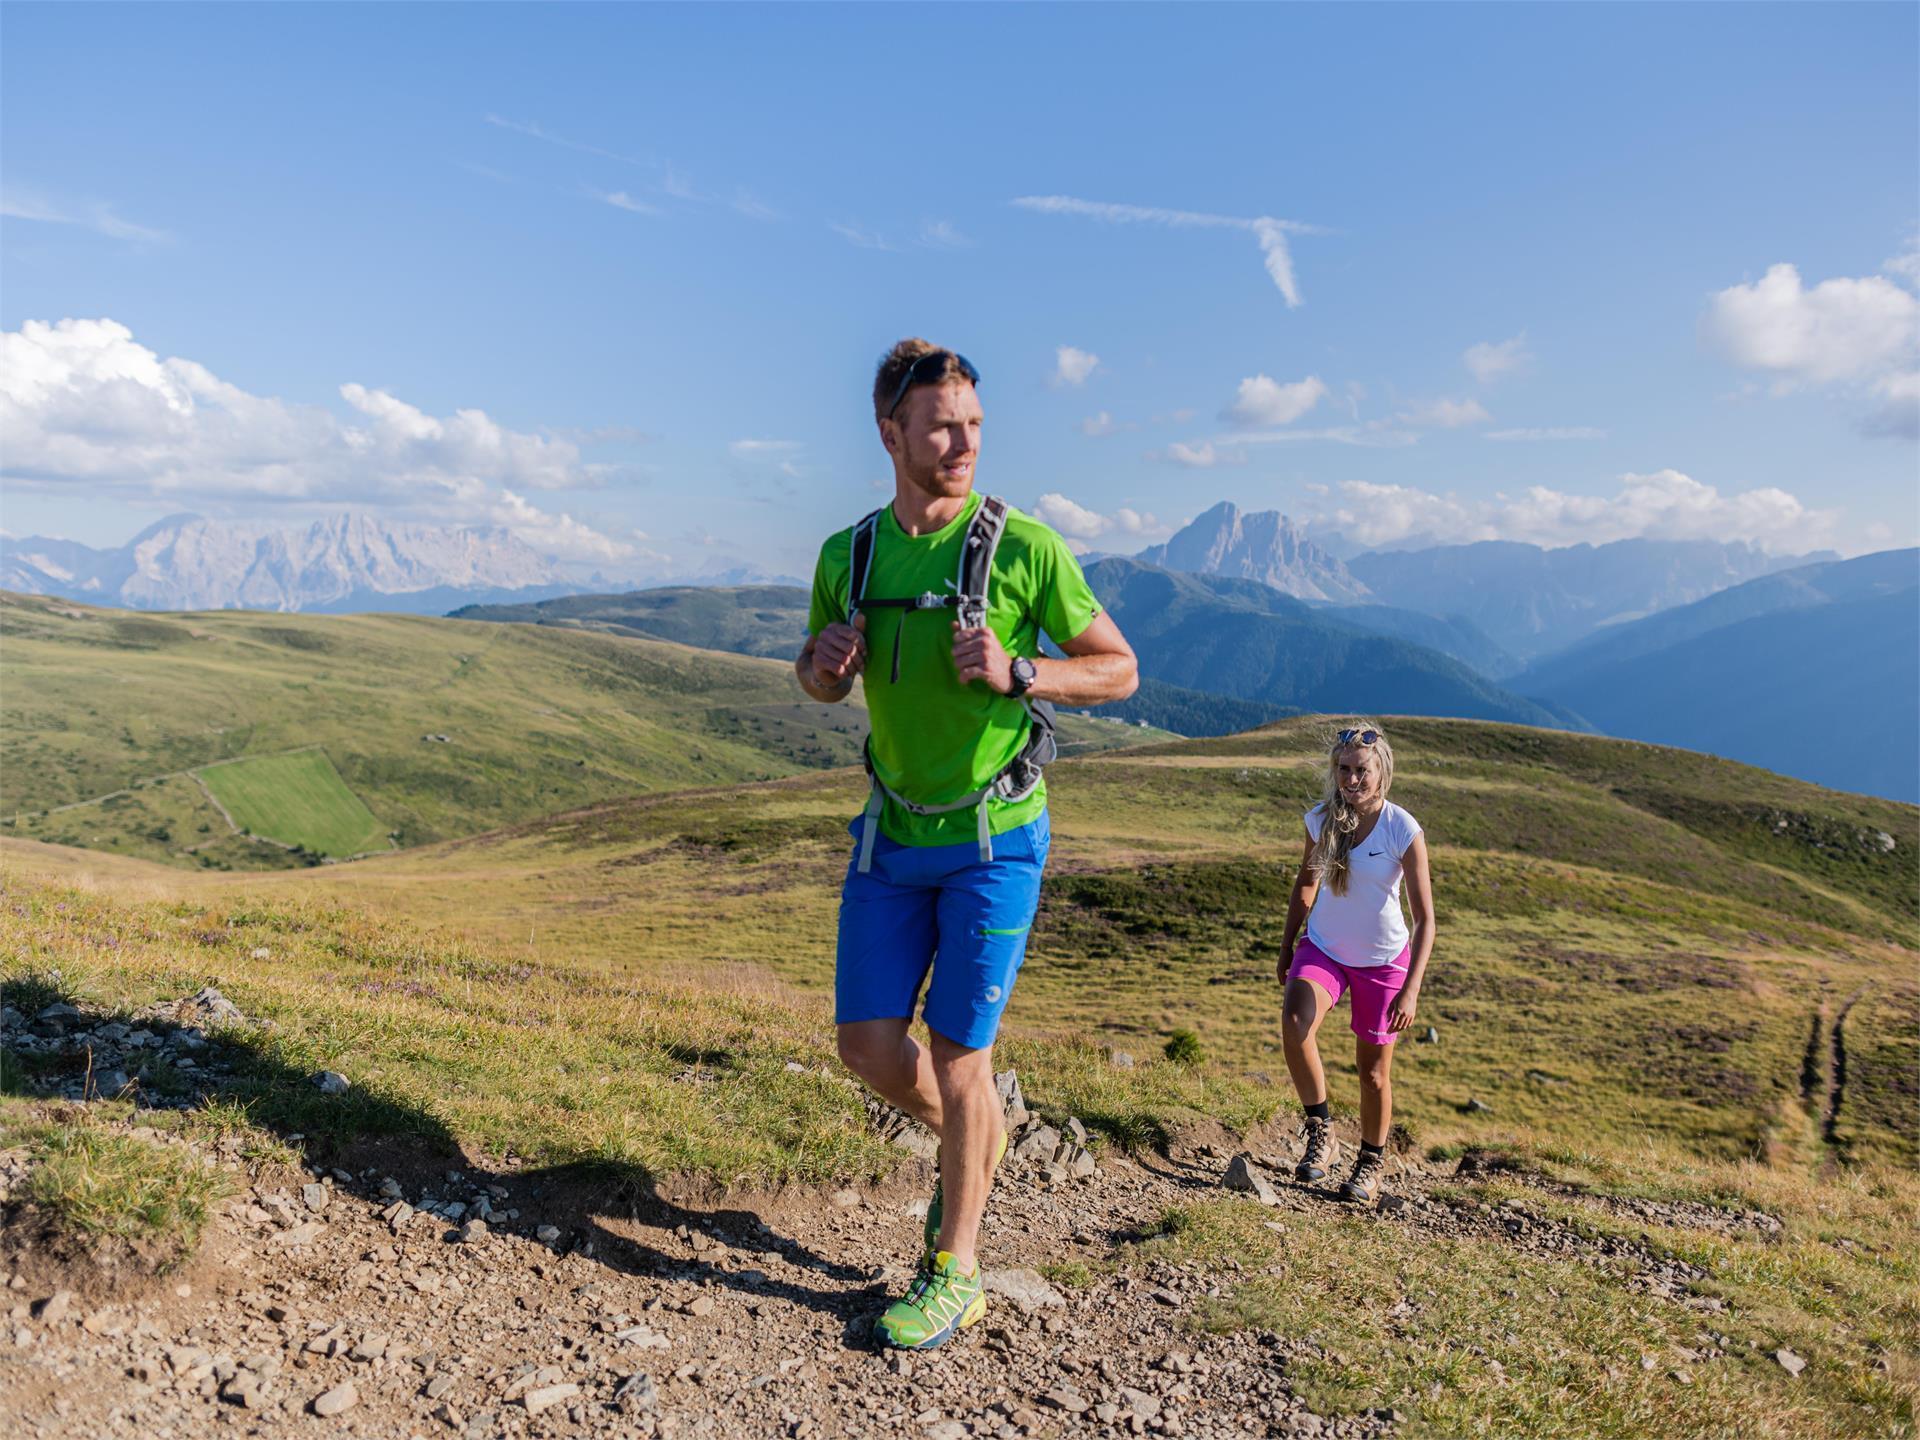 KRON AKTIV High mountain hiking tour in the Alps